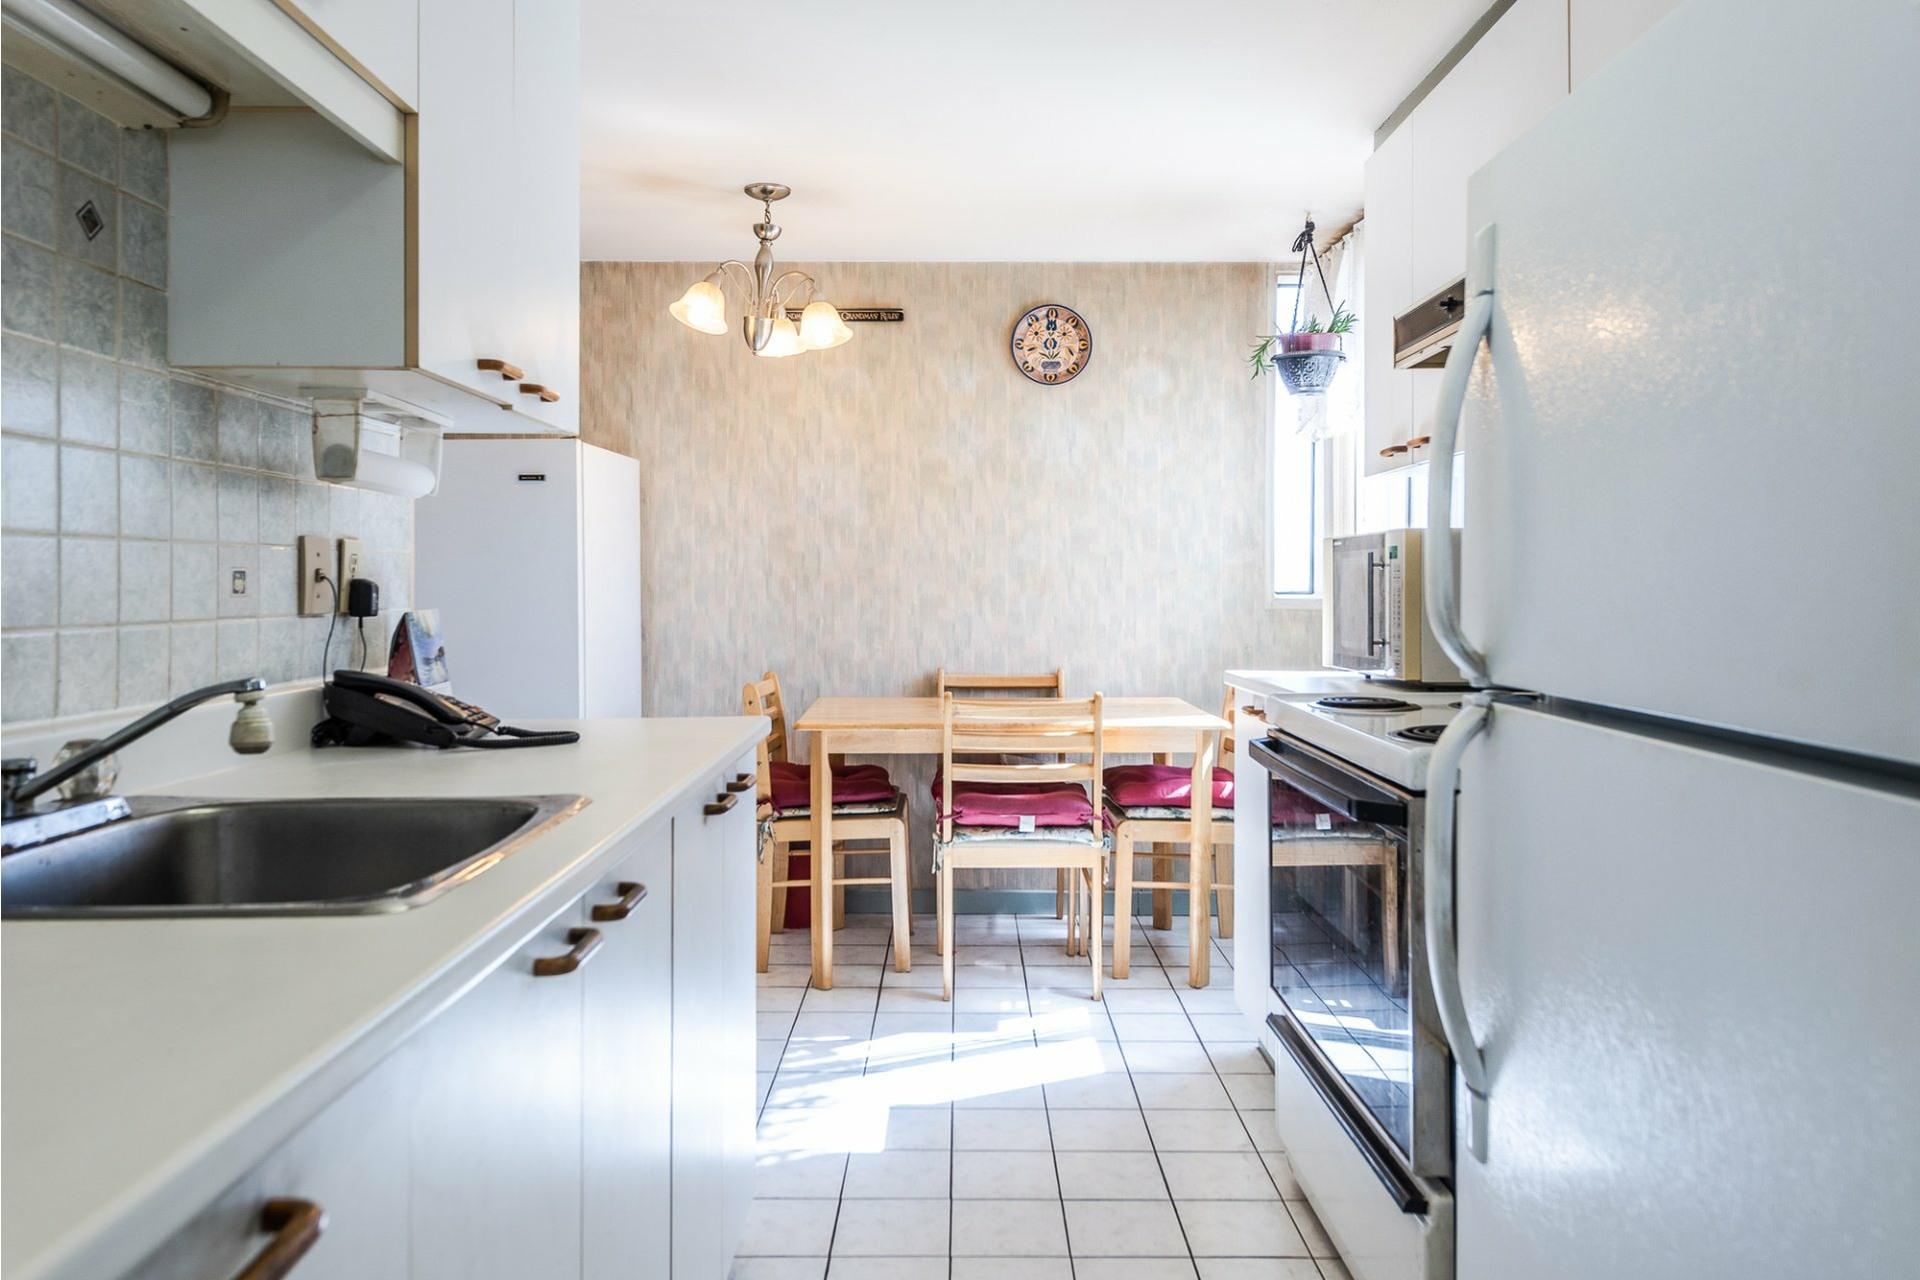 image 10 - Apartment For sale Montréal Saint-Laurent  - 5 rooms